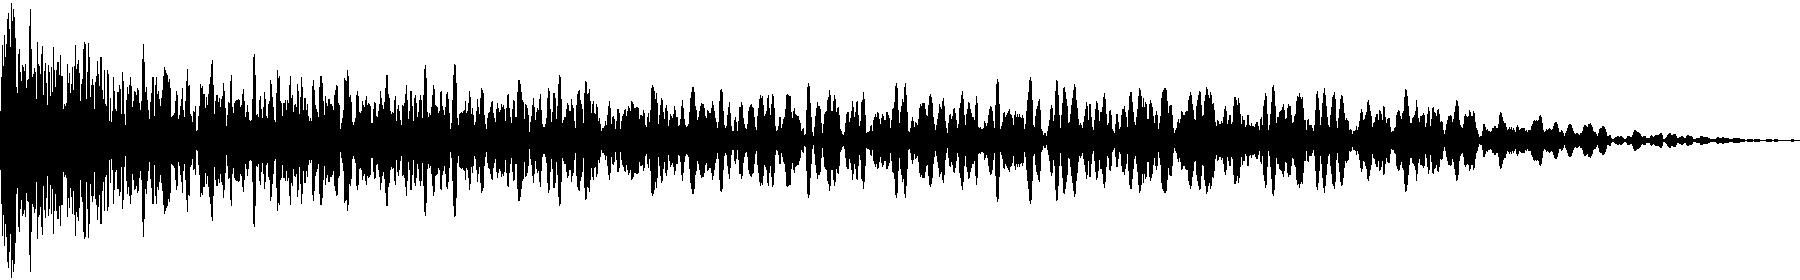 vedh synth cut 038 em